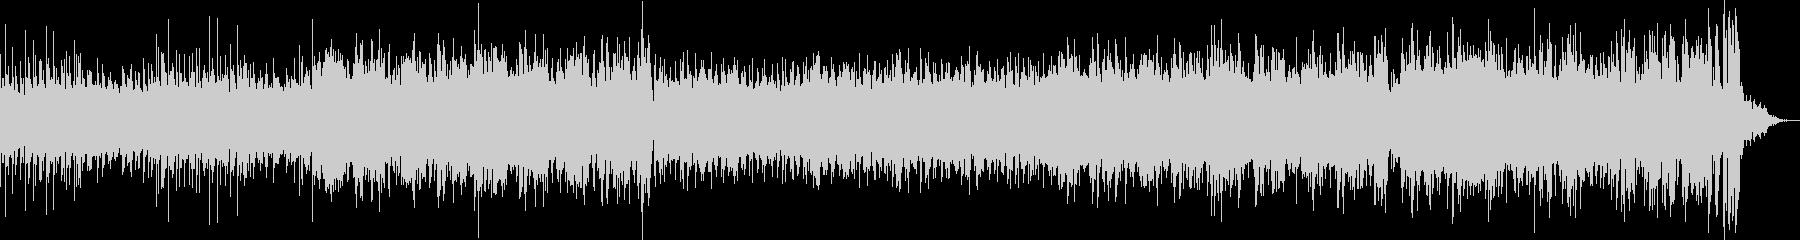 光速を表現したドラムンベースの未再生の波形